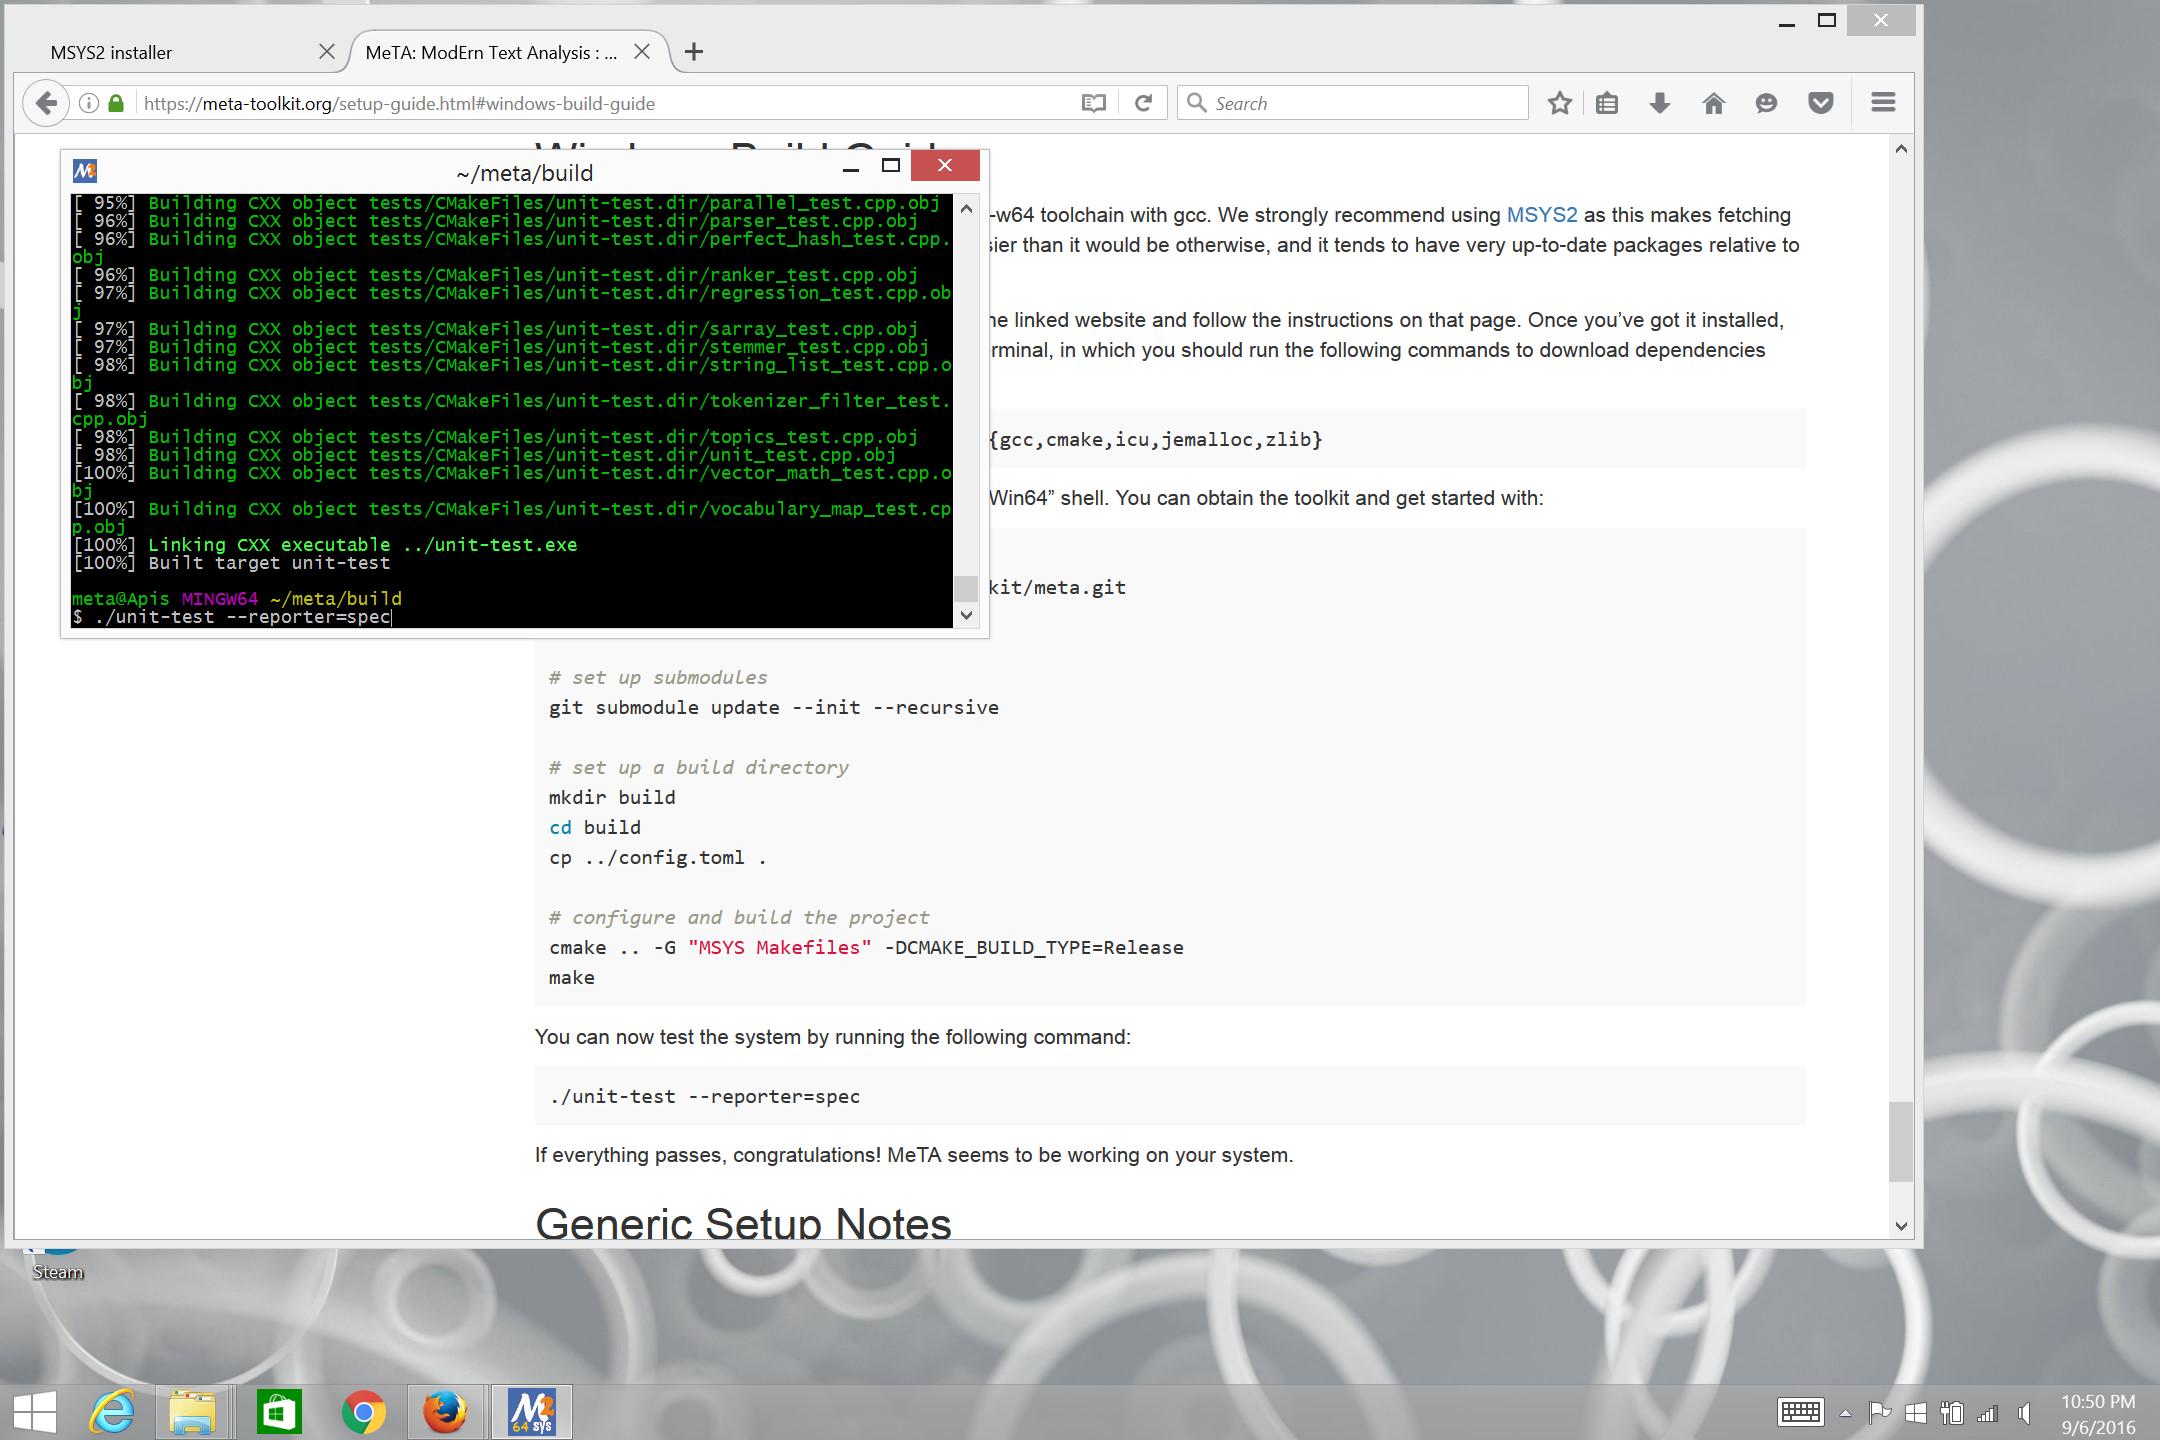 MeTA: ModErn Text Analysis : Windows Setup Guide